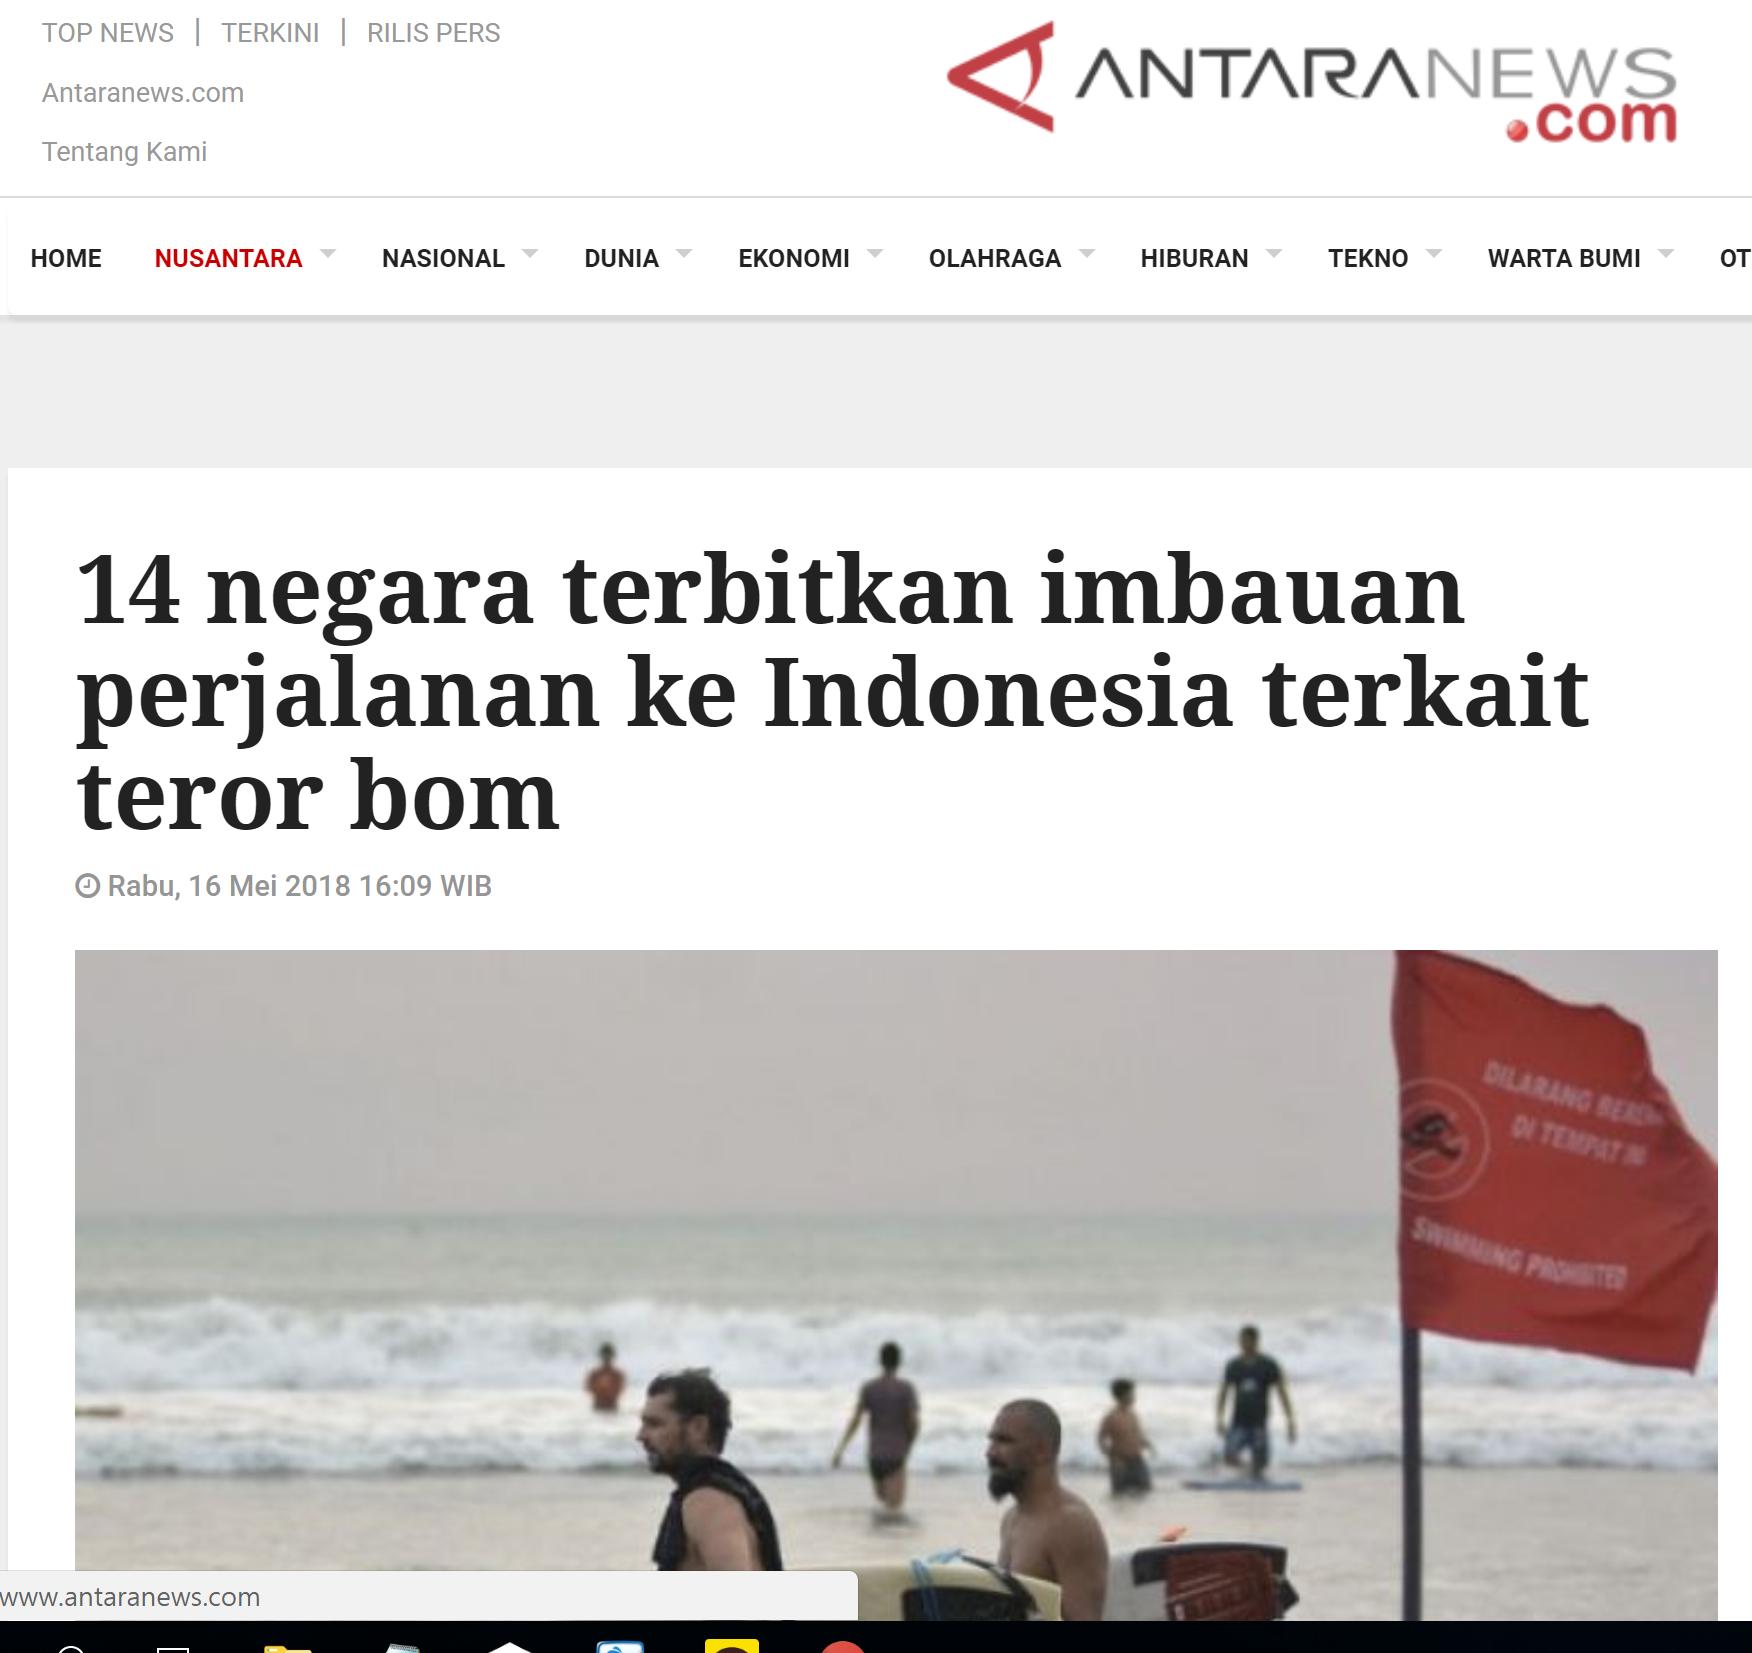 안타라 통신 홈페이지에 테러관련 14개국의 인도네시아 여행 안내를 보도하고 있다.